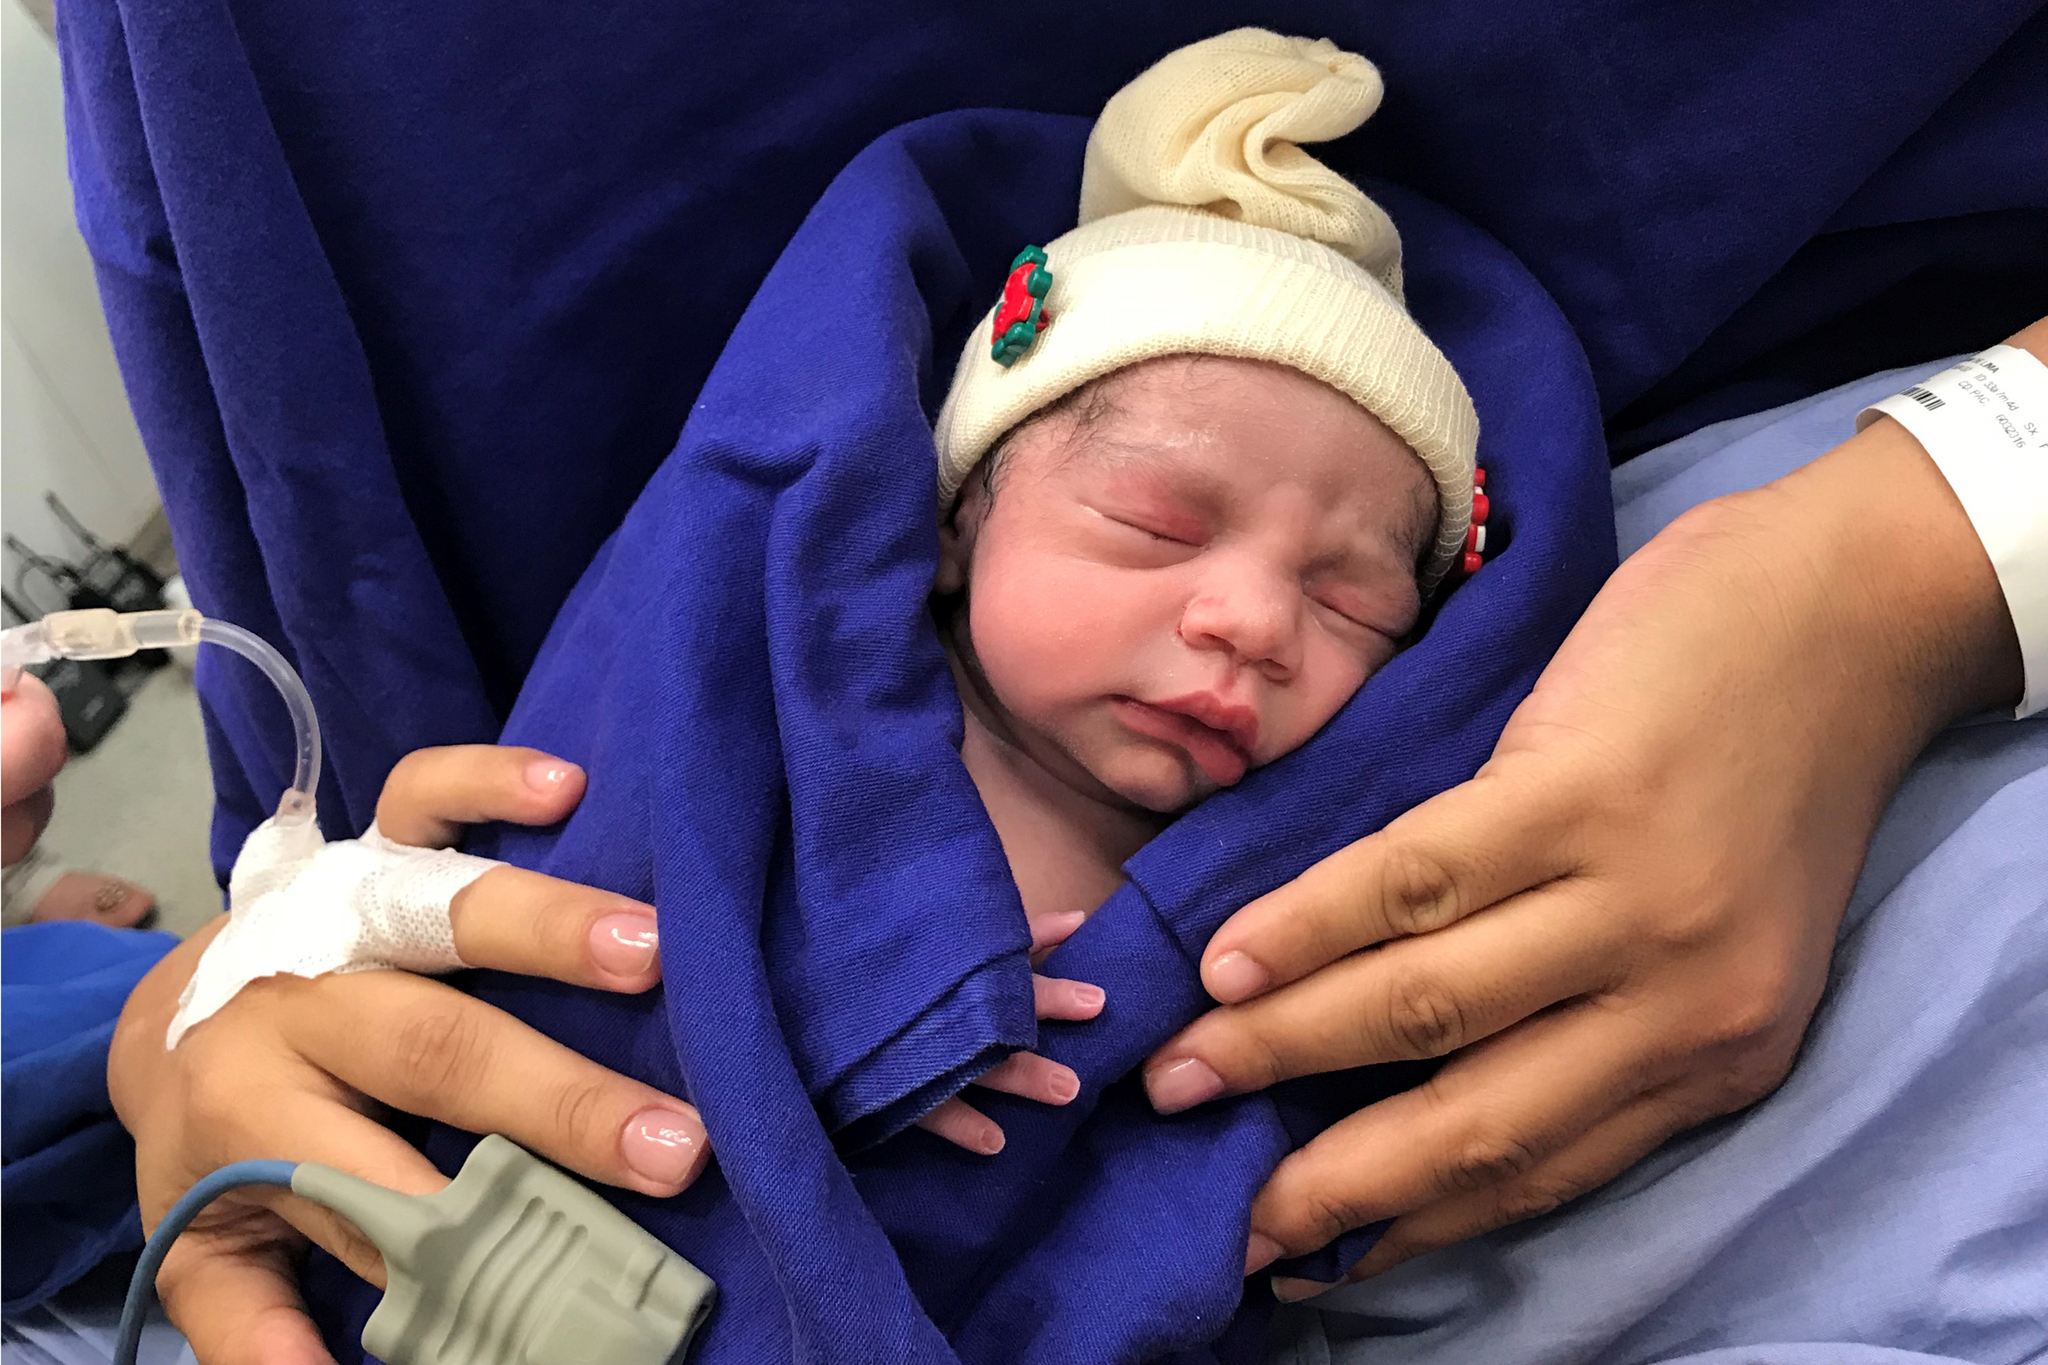 사망한 여성의 자궁을 이식받은 32세 여성이 건강한 여자아이를 출산했다. 사진은 지난해 12월 15일 출산 당시 신생아의 모습. [AP=연합뉴스]